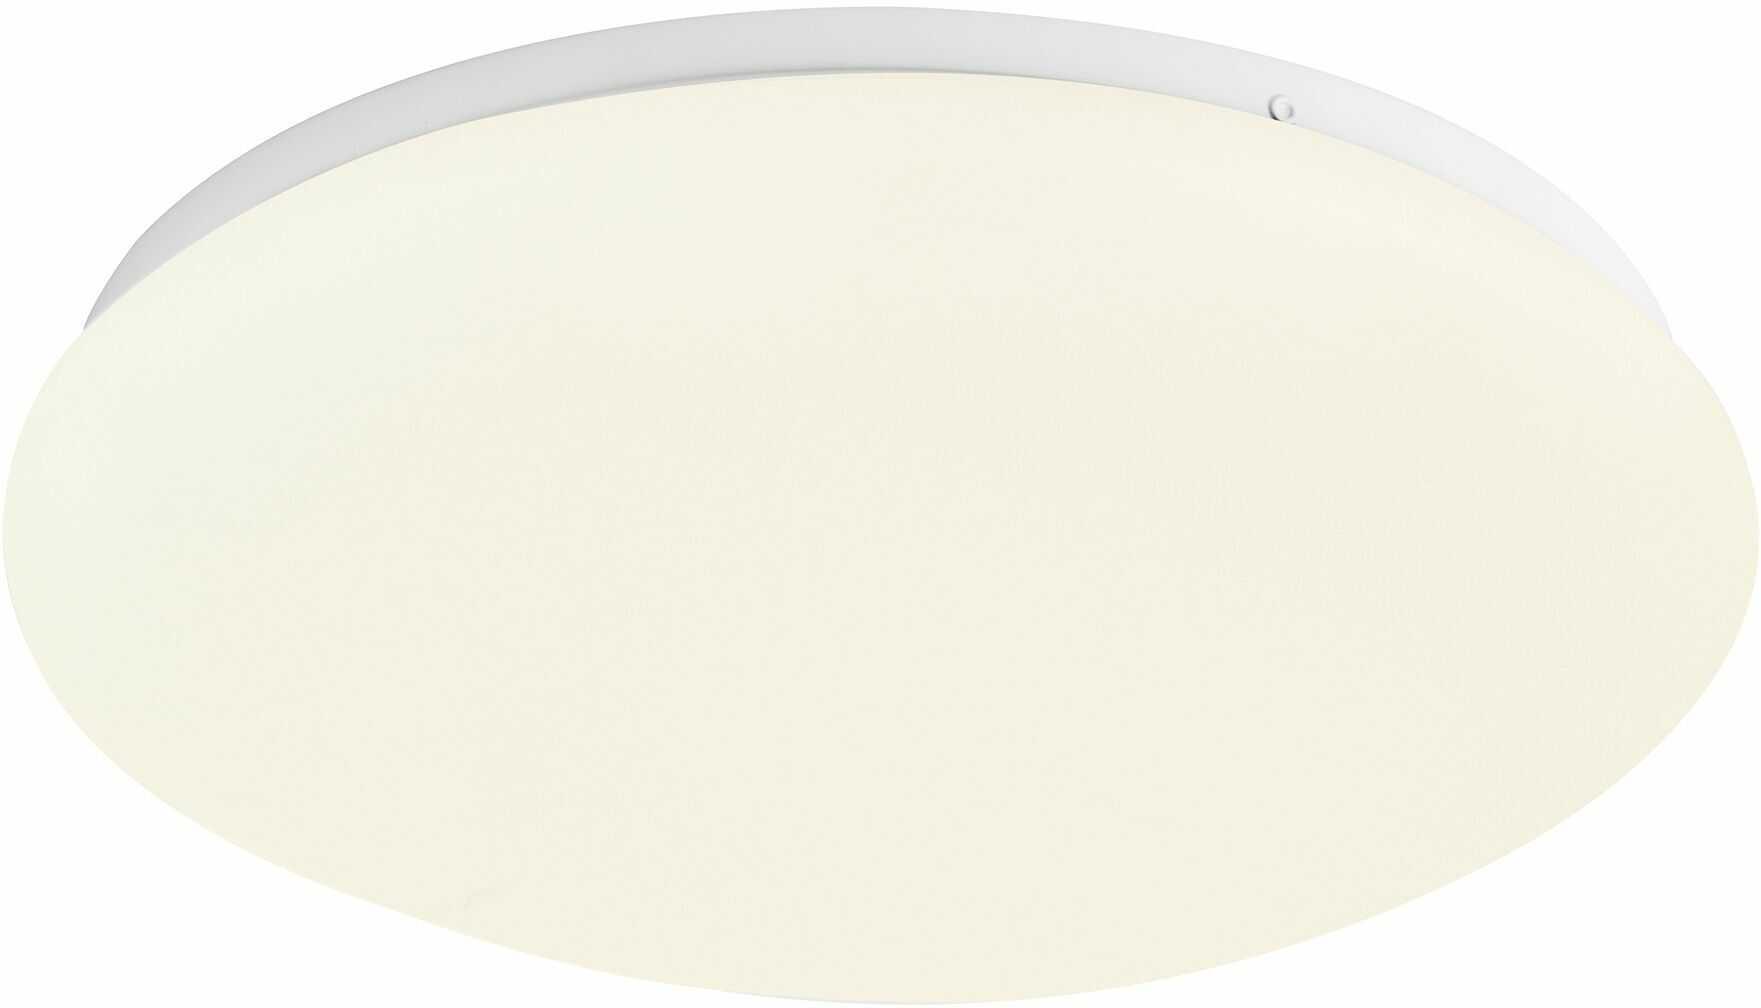 Carpi plafon okrągły LED biały 18W RLX96437-1M - Zuma Line Do -17% rabatu w koszyku i darmowa dostawa od 299zł !